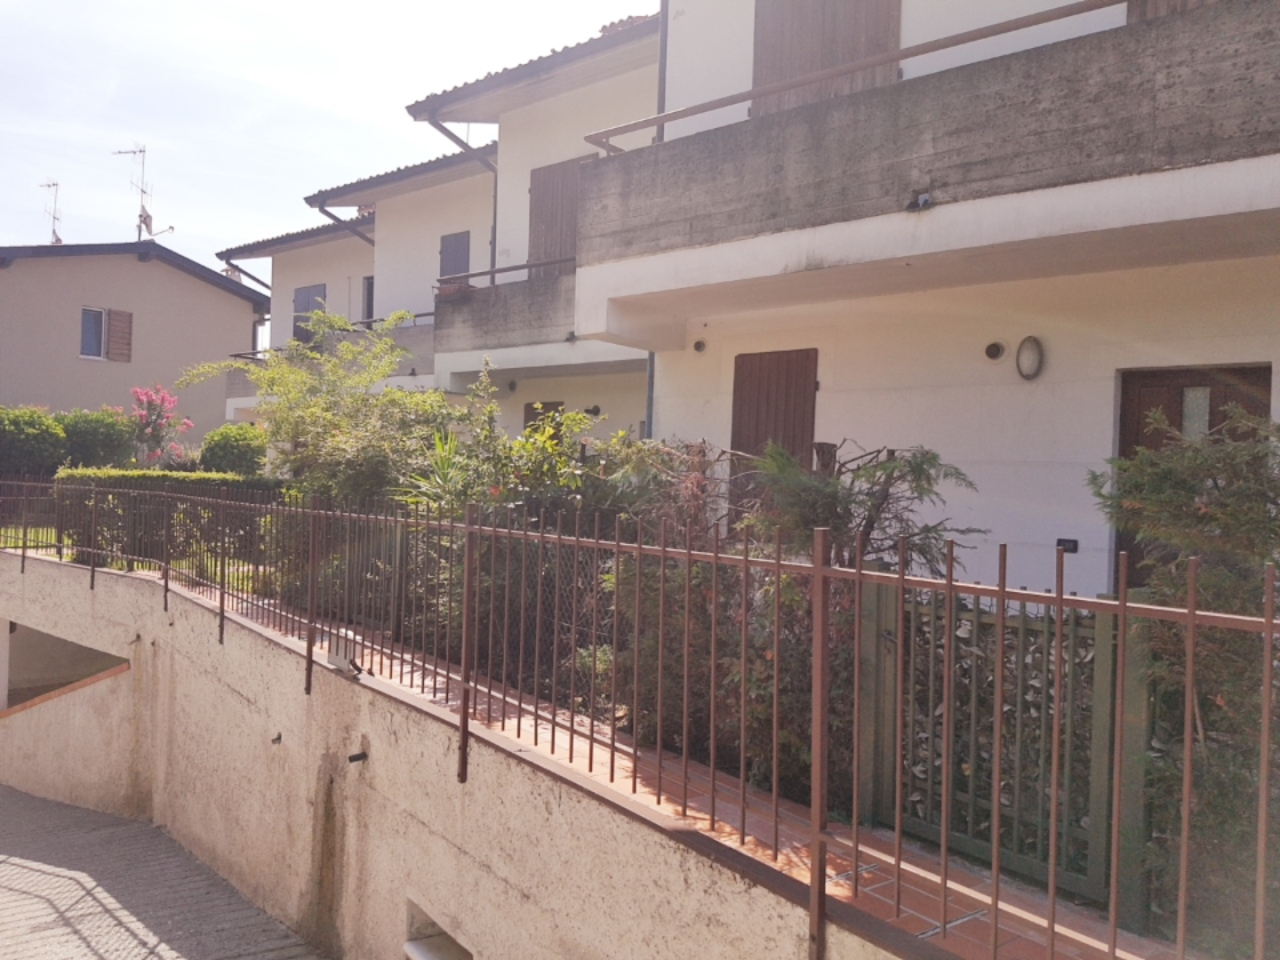 Villetta a schiera in vendita Rif. 11835247